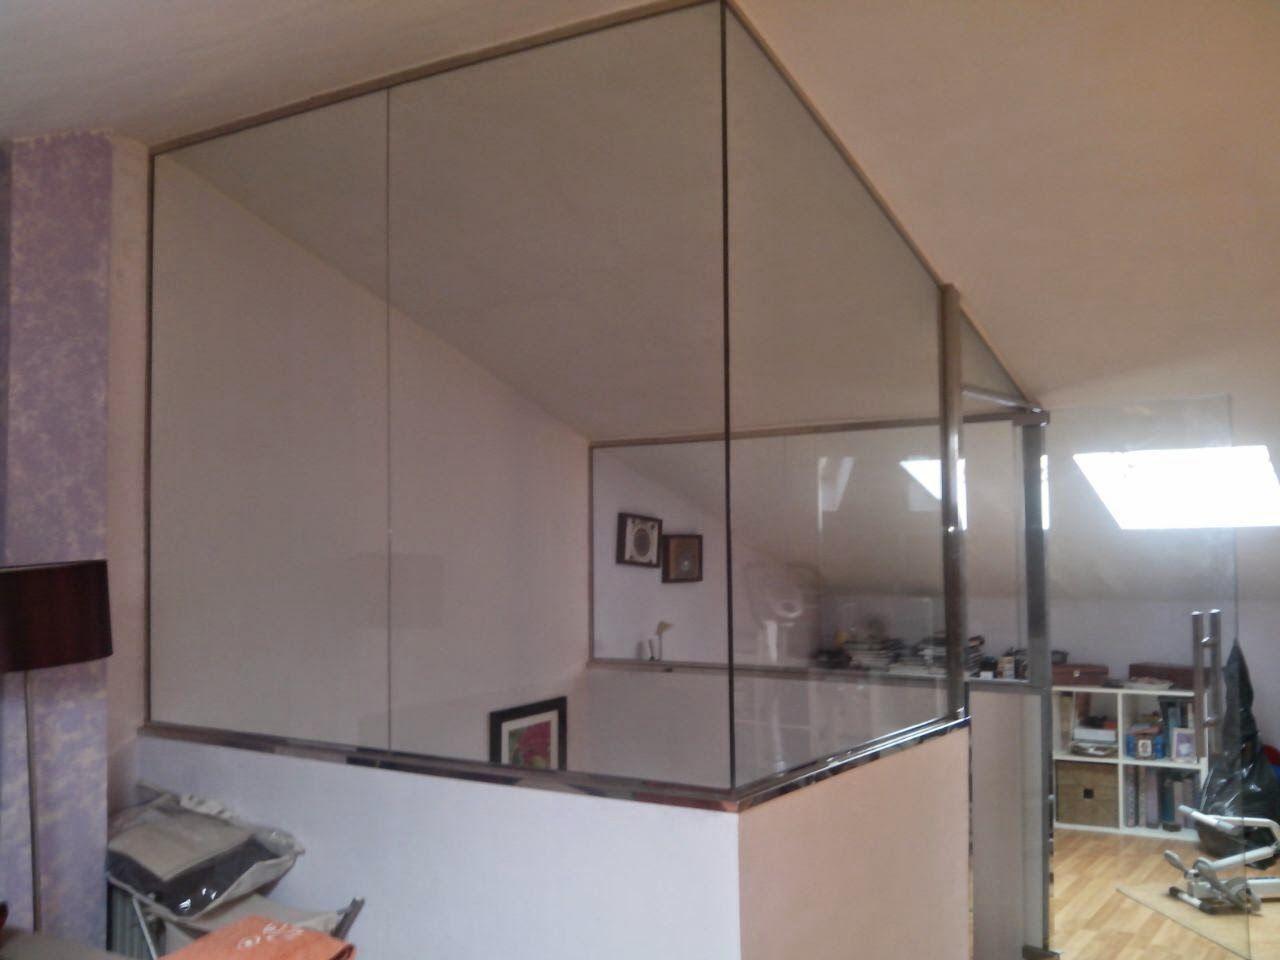 Resultado De Imagen De Cerramiento Buhardilla Cristal Cerramiento Puertas De Vidrio Escaleras Interiores